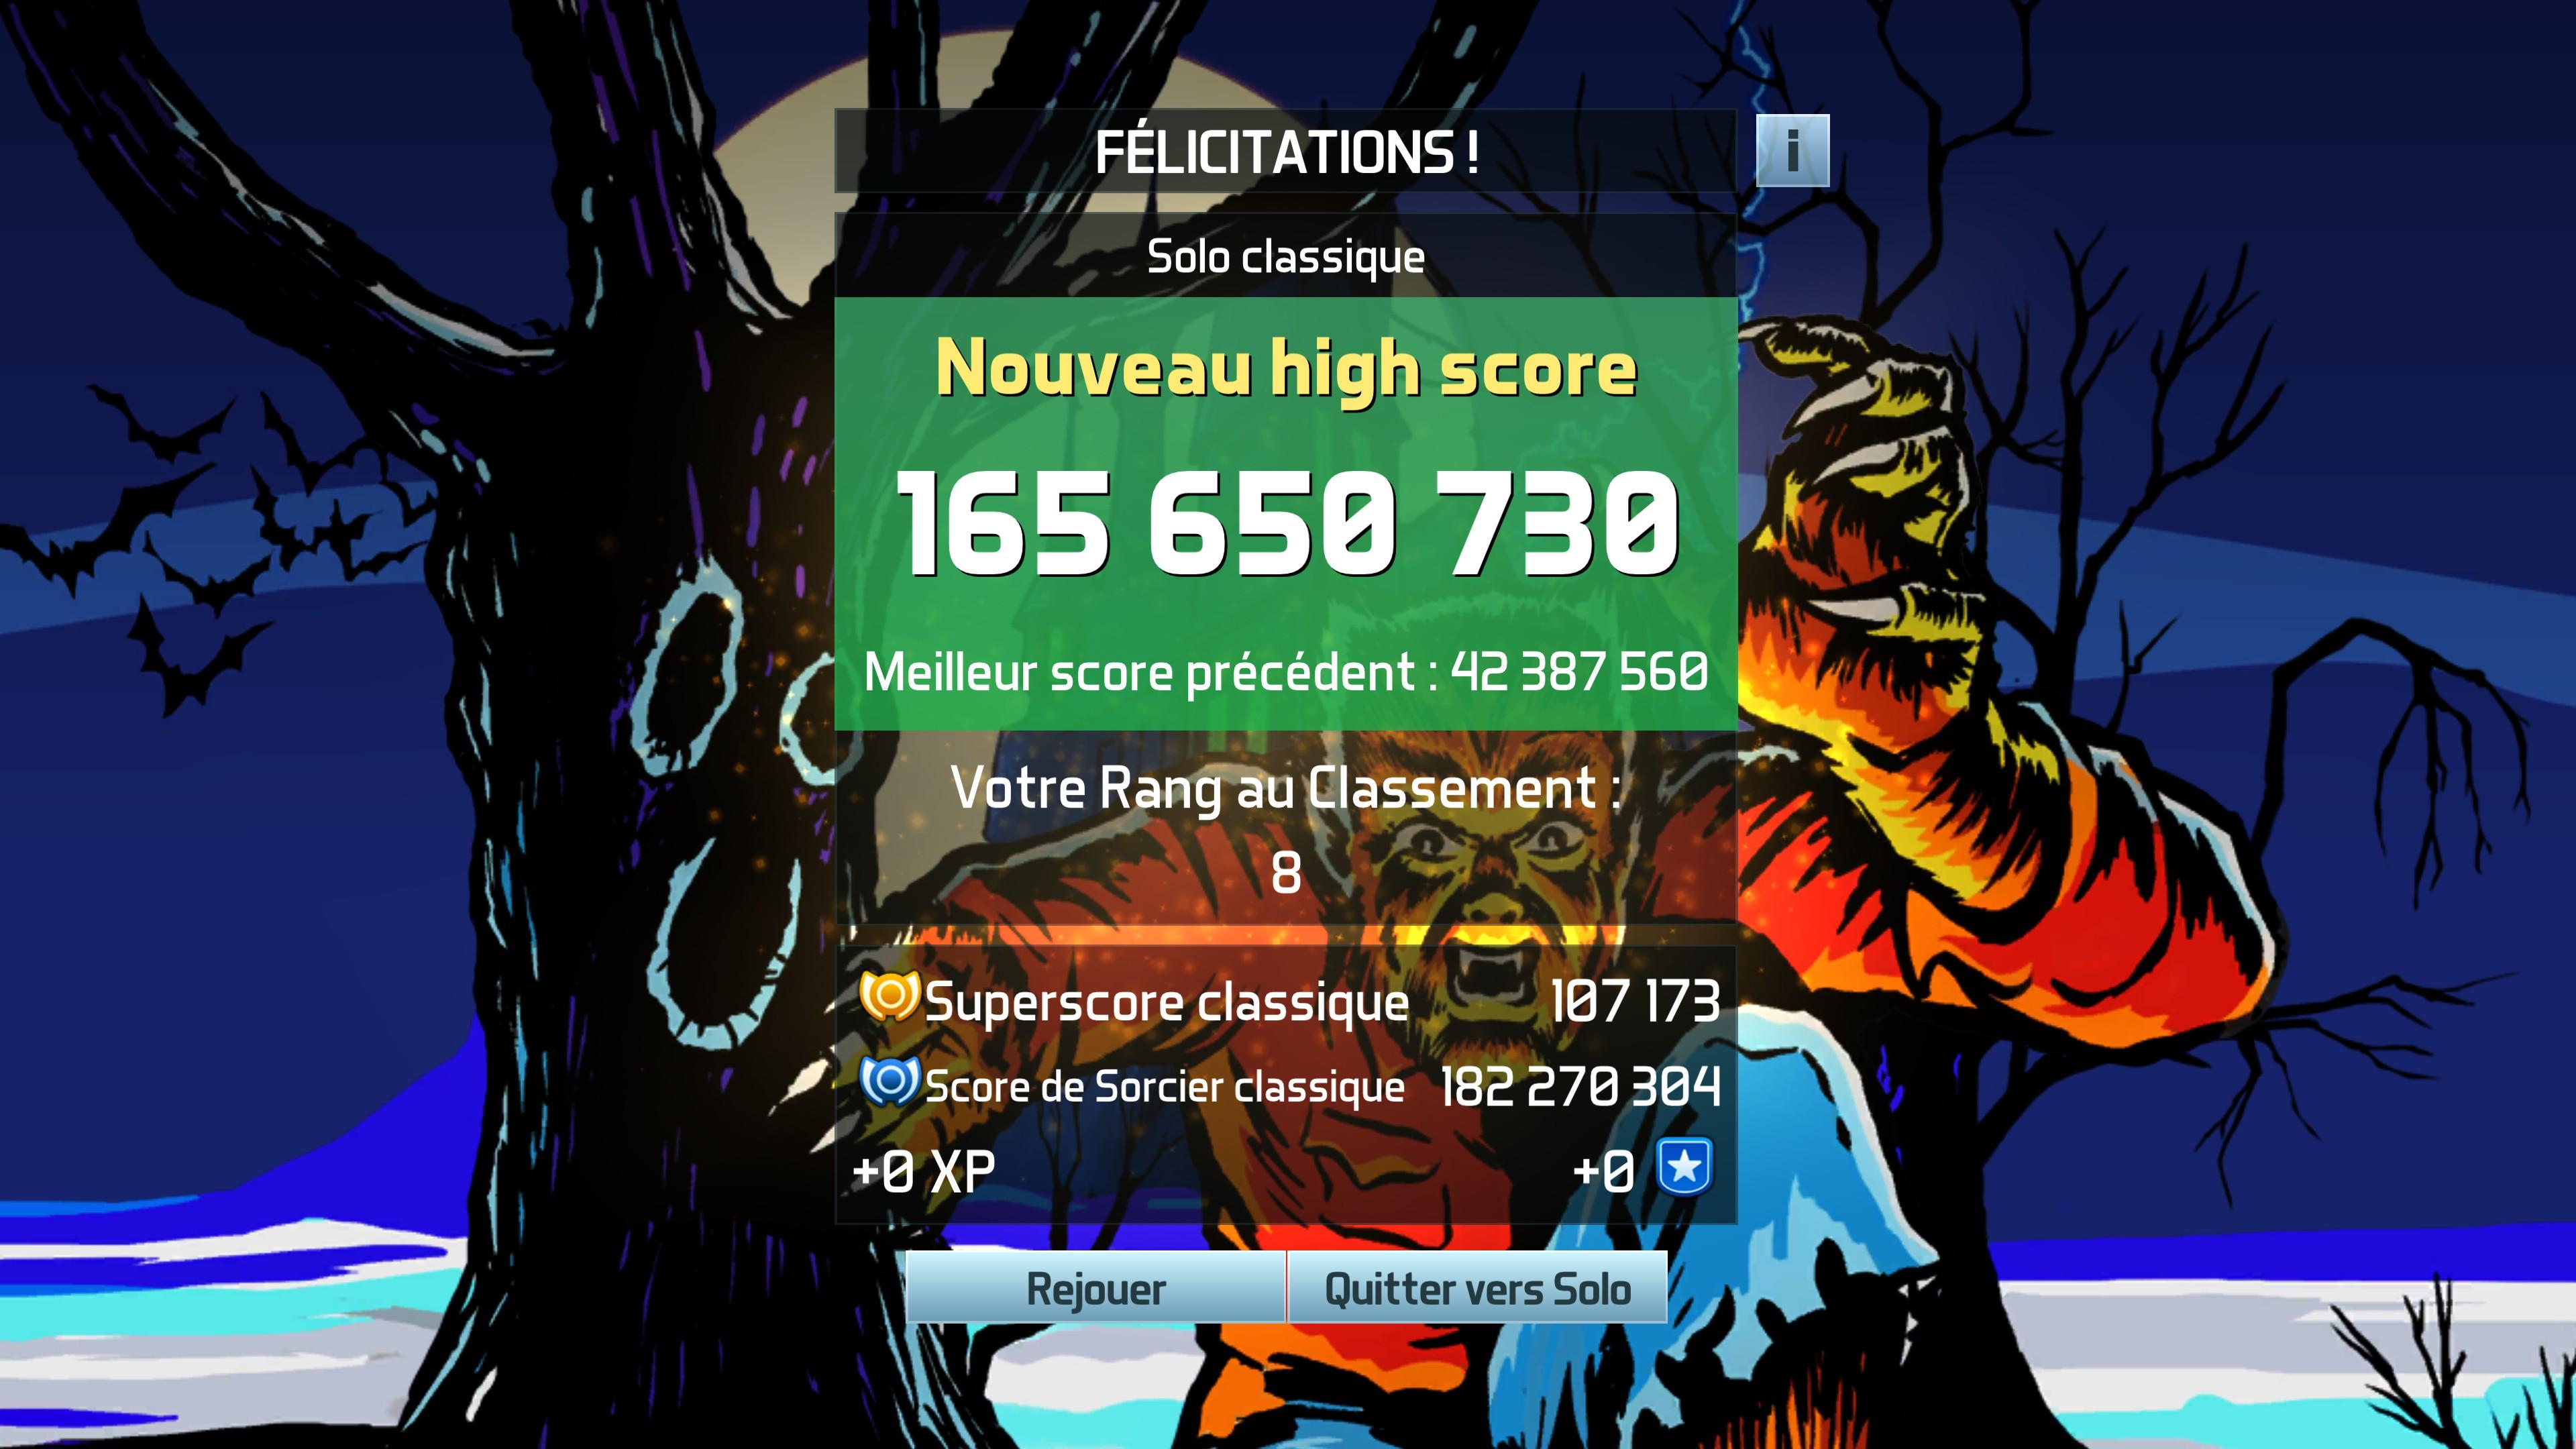 Williams Pinball : Les records du LUP's Club en mode Classique (arcade et tournoi) - Page 5 699AB473272023B160DEE6916172A403CA37FBC3